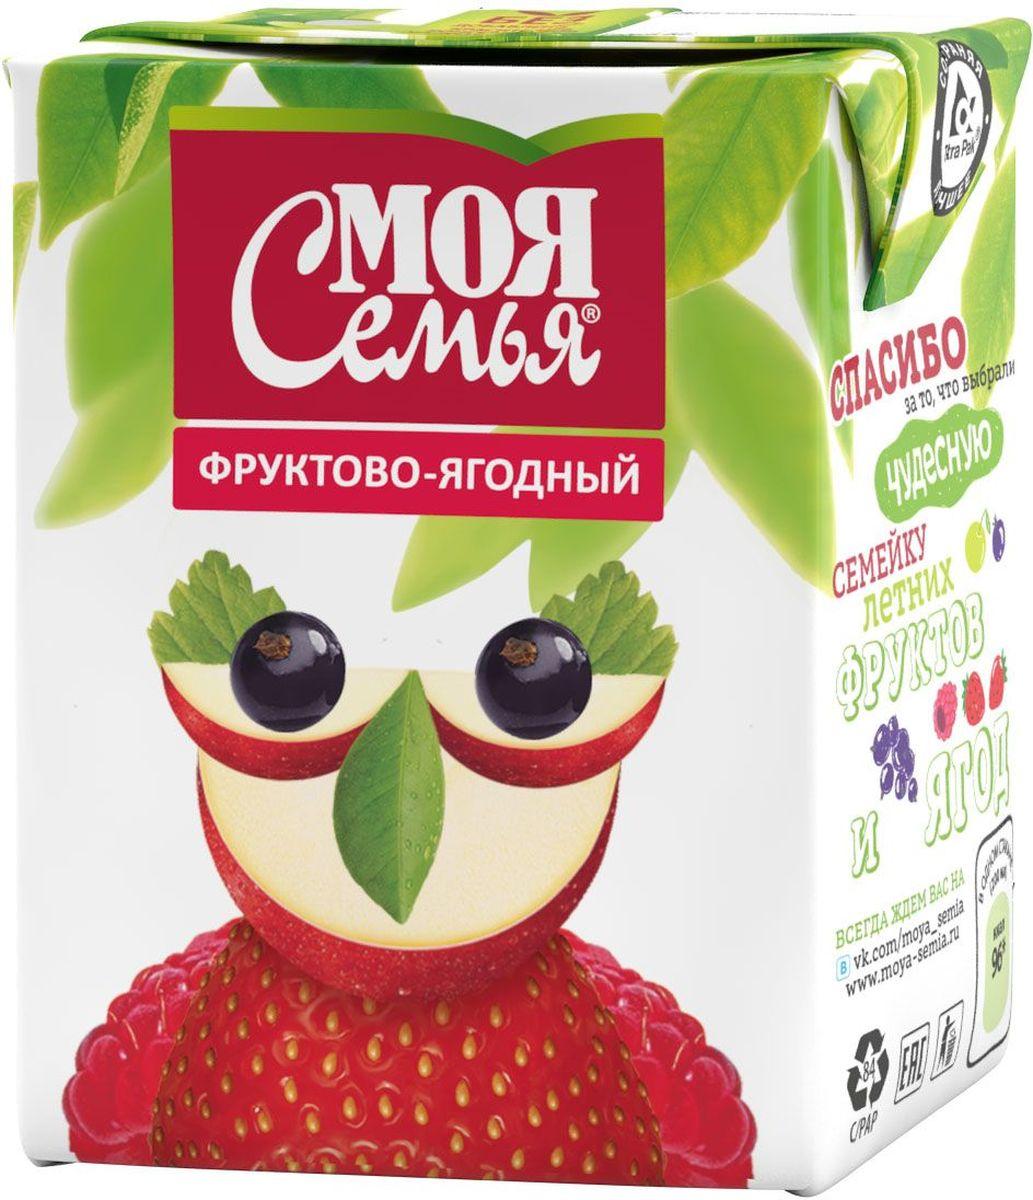 Моя Семья Фруктово-ягодный нектар, 0,2 л1483201Сочные фрукты и спелые летние ягоды наполняют нектар «Моя Семья» природными антиоксидантами, которые полезны для здоровья. Говорят, что фрукты – это ключ к долголетию. Ягоды – ключ к вечной молодости. А что будет, если соединить фрукты и ягоды. Отвечаем: отличное настроение и улыбка до ушей на весь день. Доказано в семейных условиях!